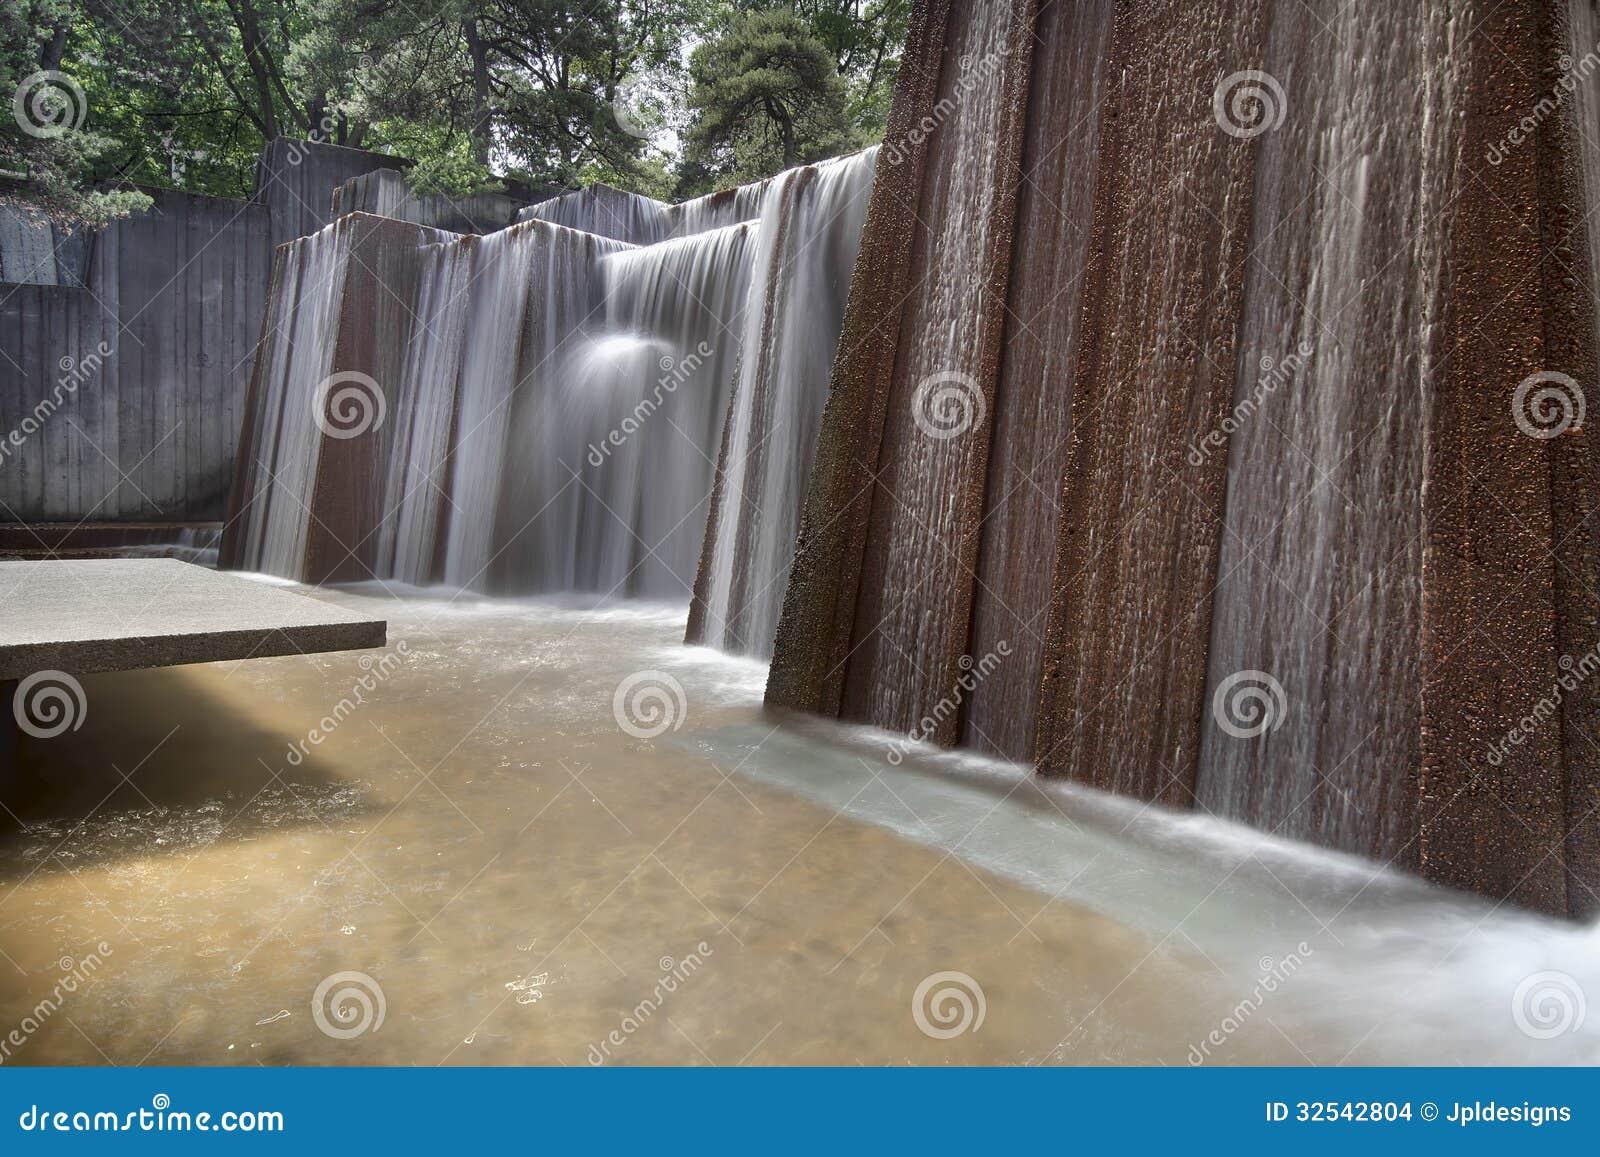 Fuente de agua de los parques públicos